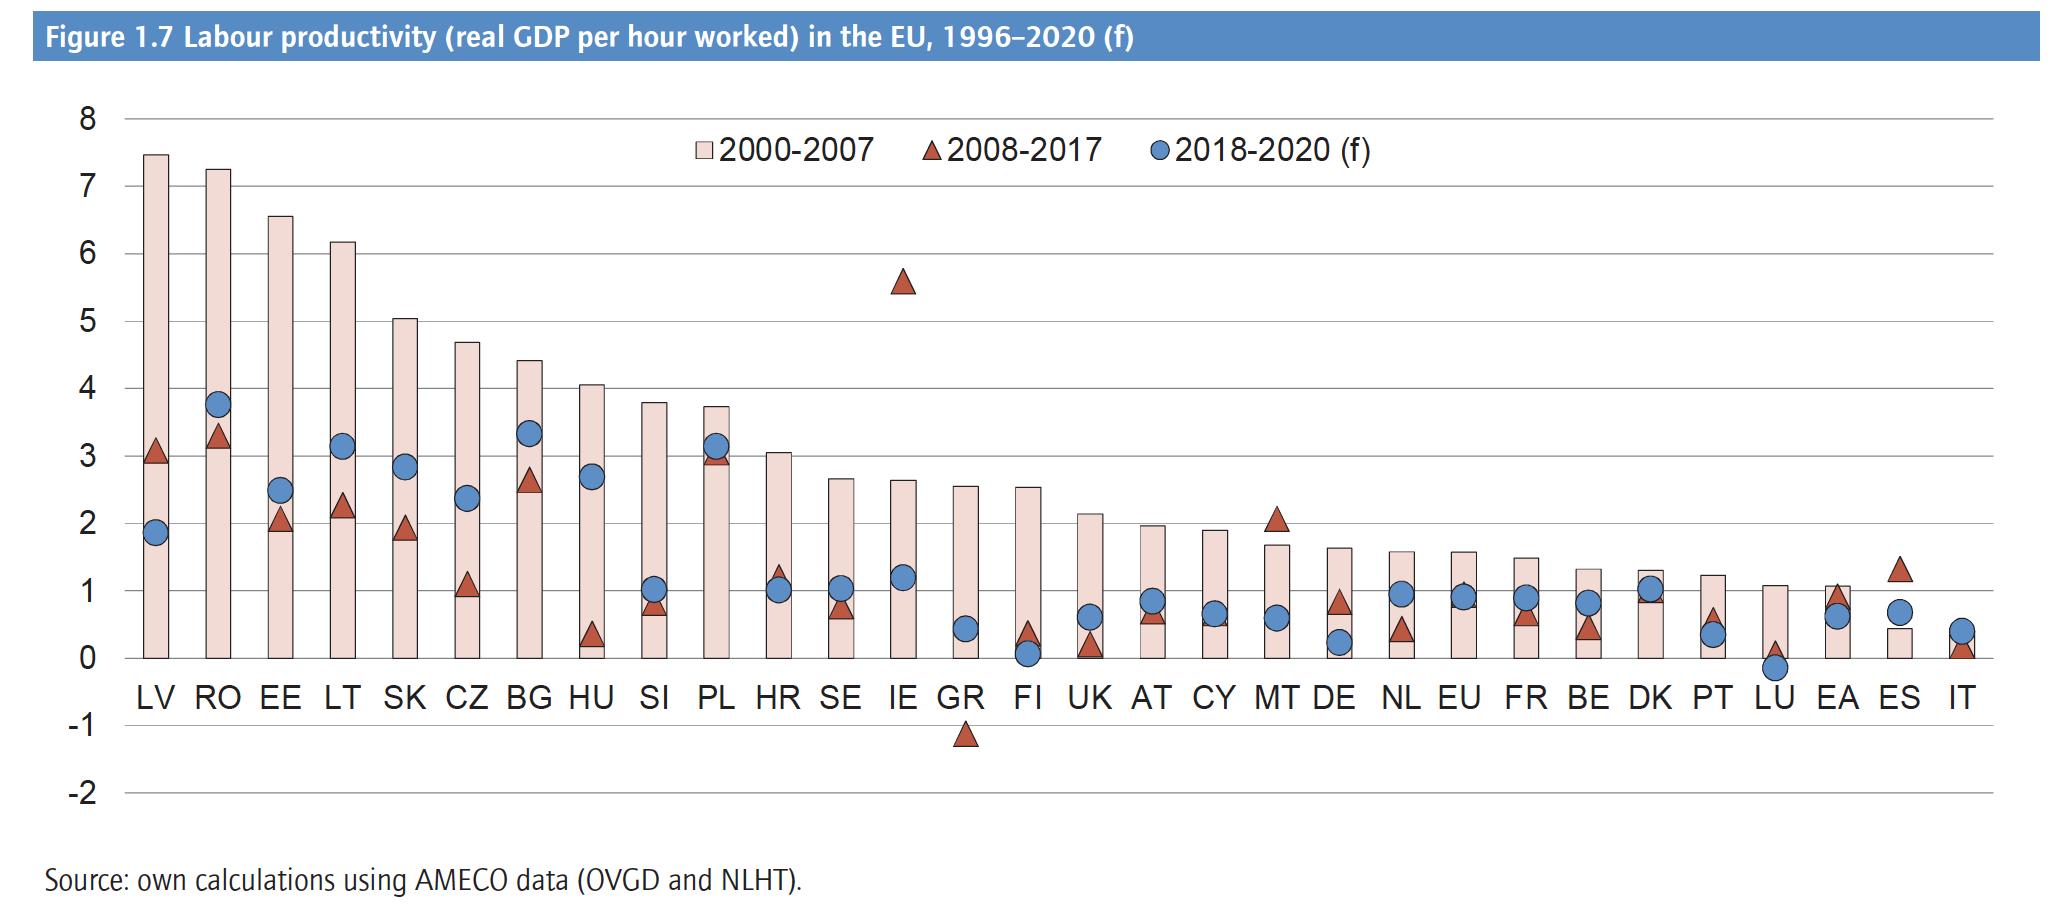 Salari non sono l'unico problema: Italia ultima in quanto a produttività del lavoro (Pil reale per ogni ora lavorativa)